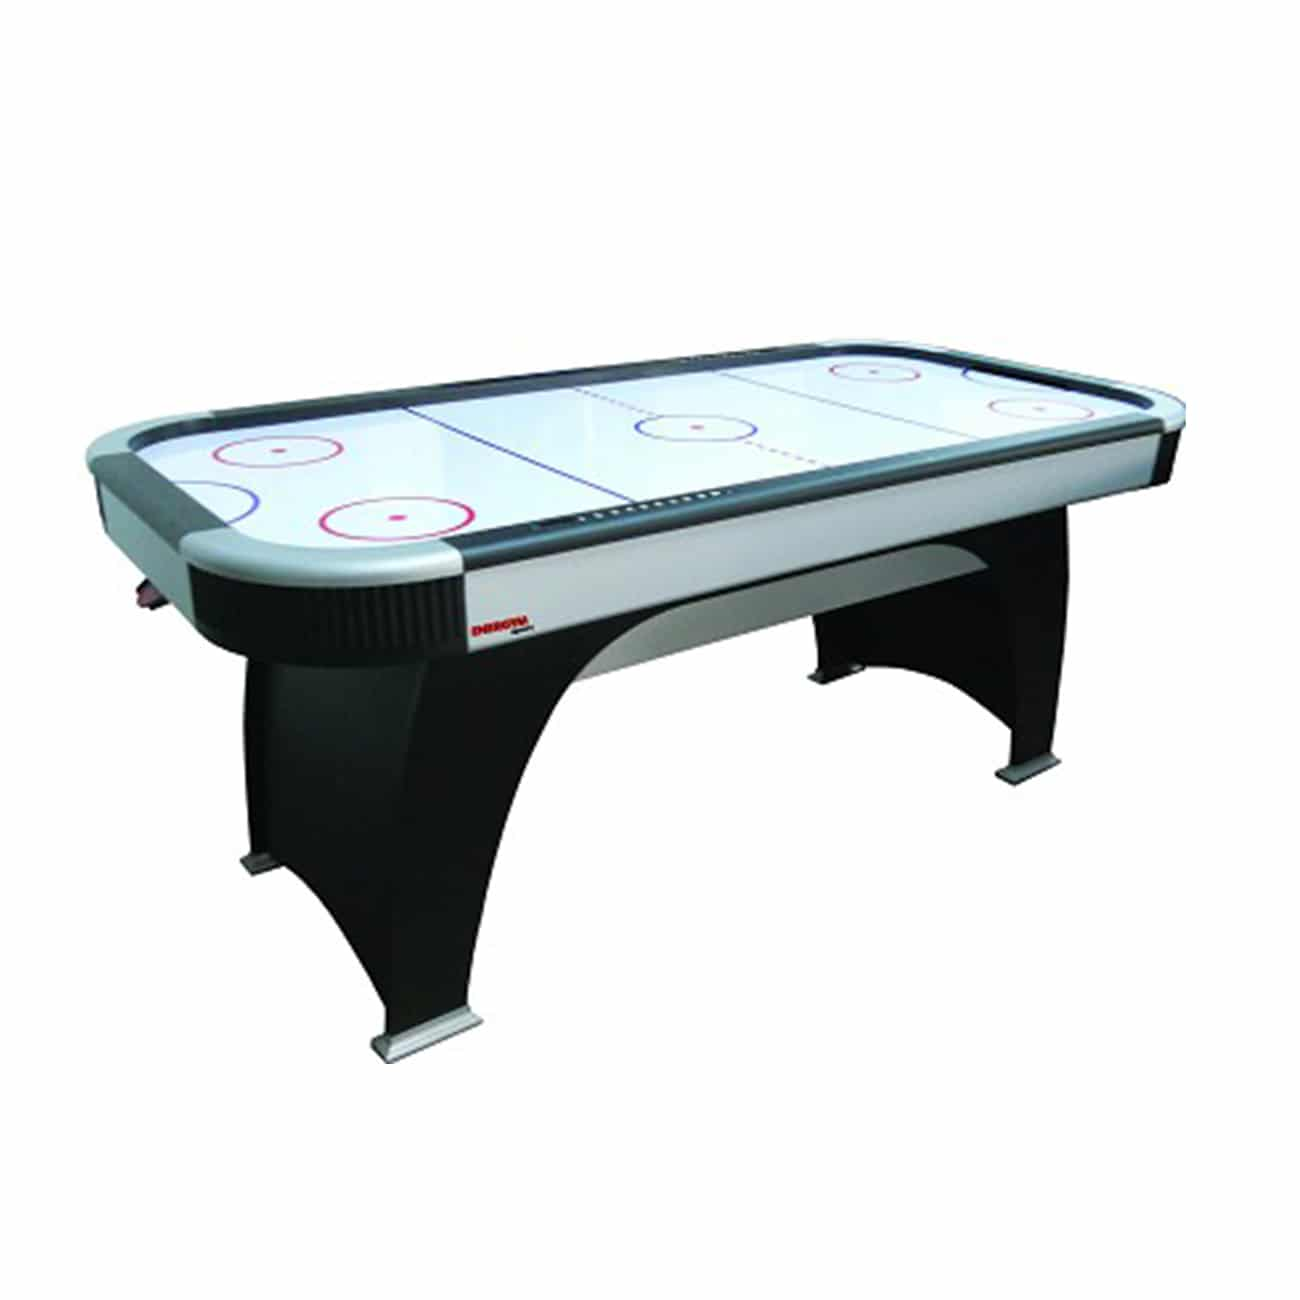 שולחן הוקי אוויר 6 פיט למכירה | Buyline